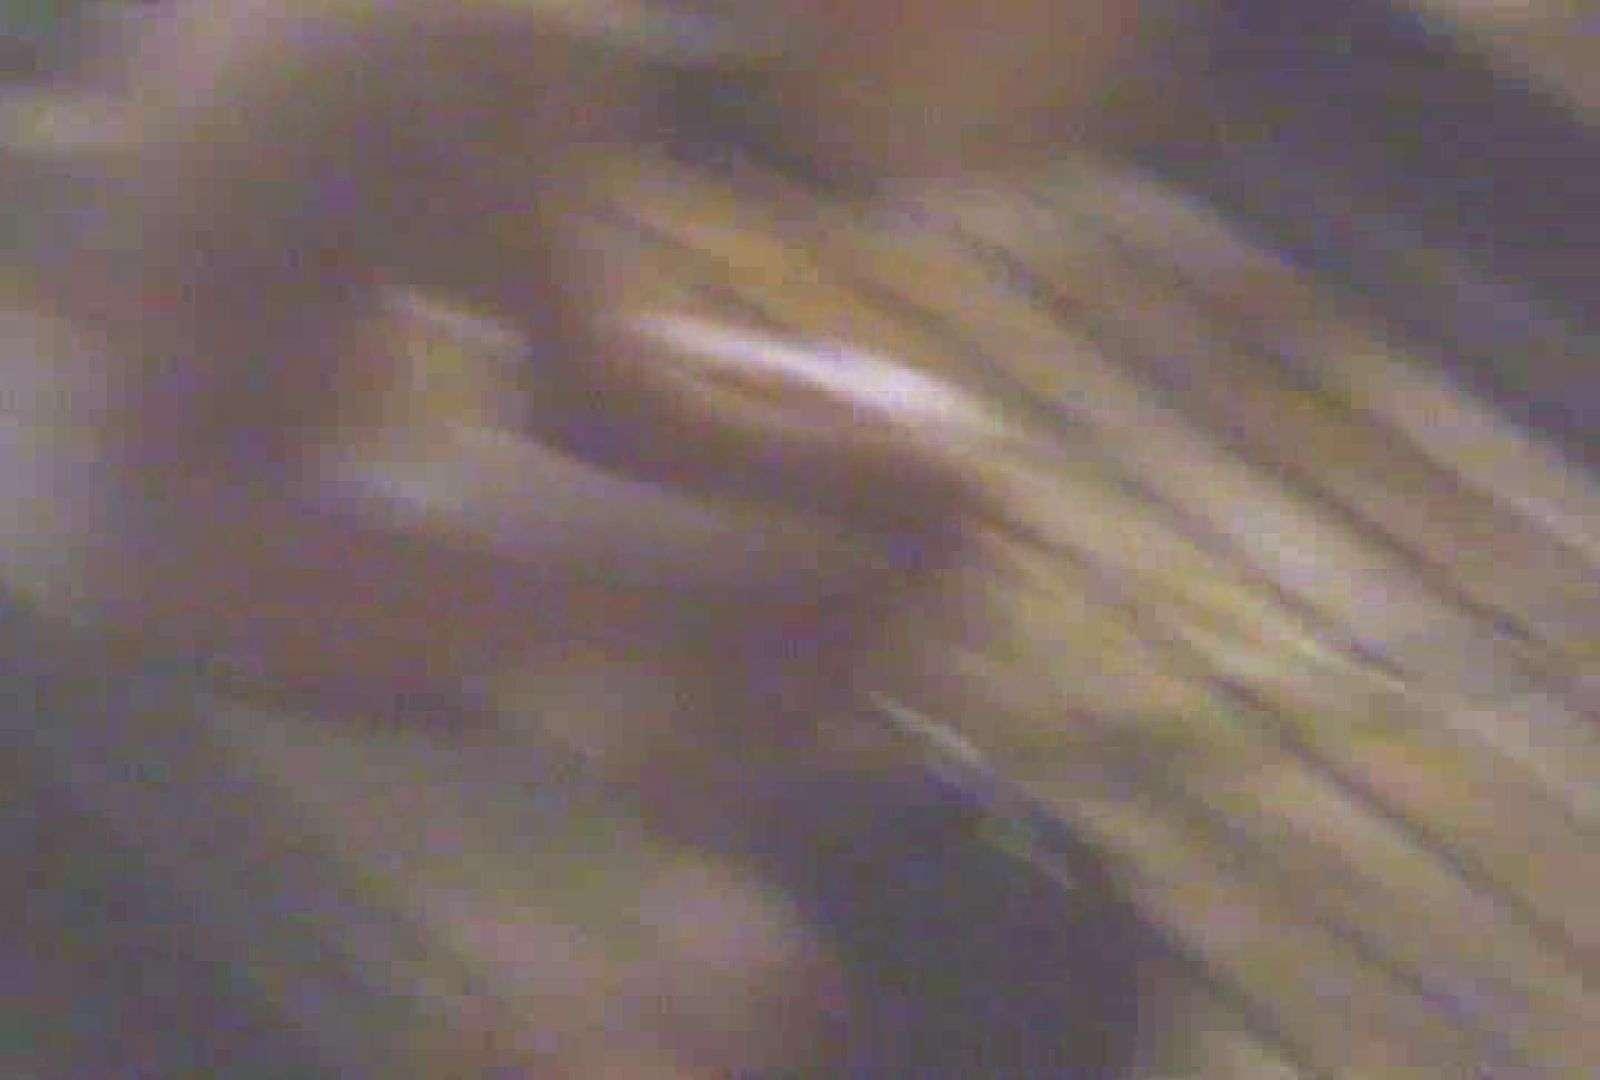 素人投稿シリーズ 盗撮 覗きの穴場 大浴場編 Vol.3 OLセックス 隠し撮りオマンコ動画紹介 66画像 8